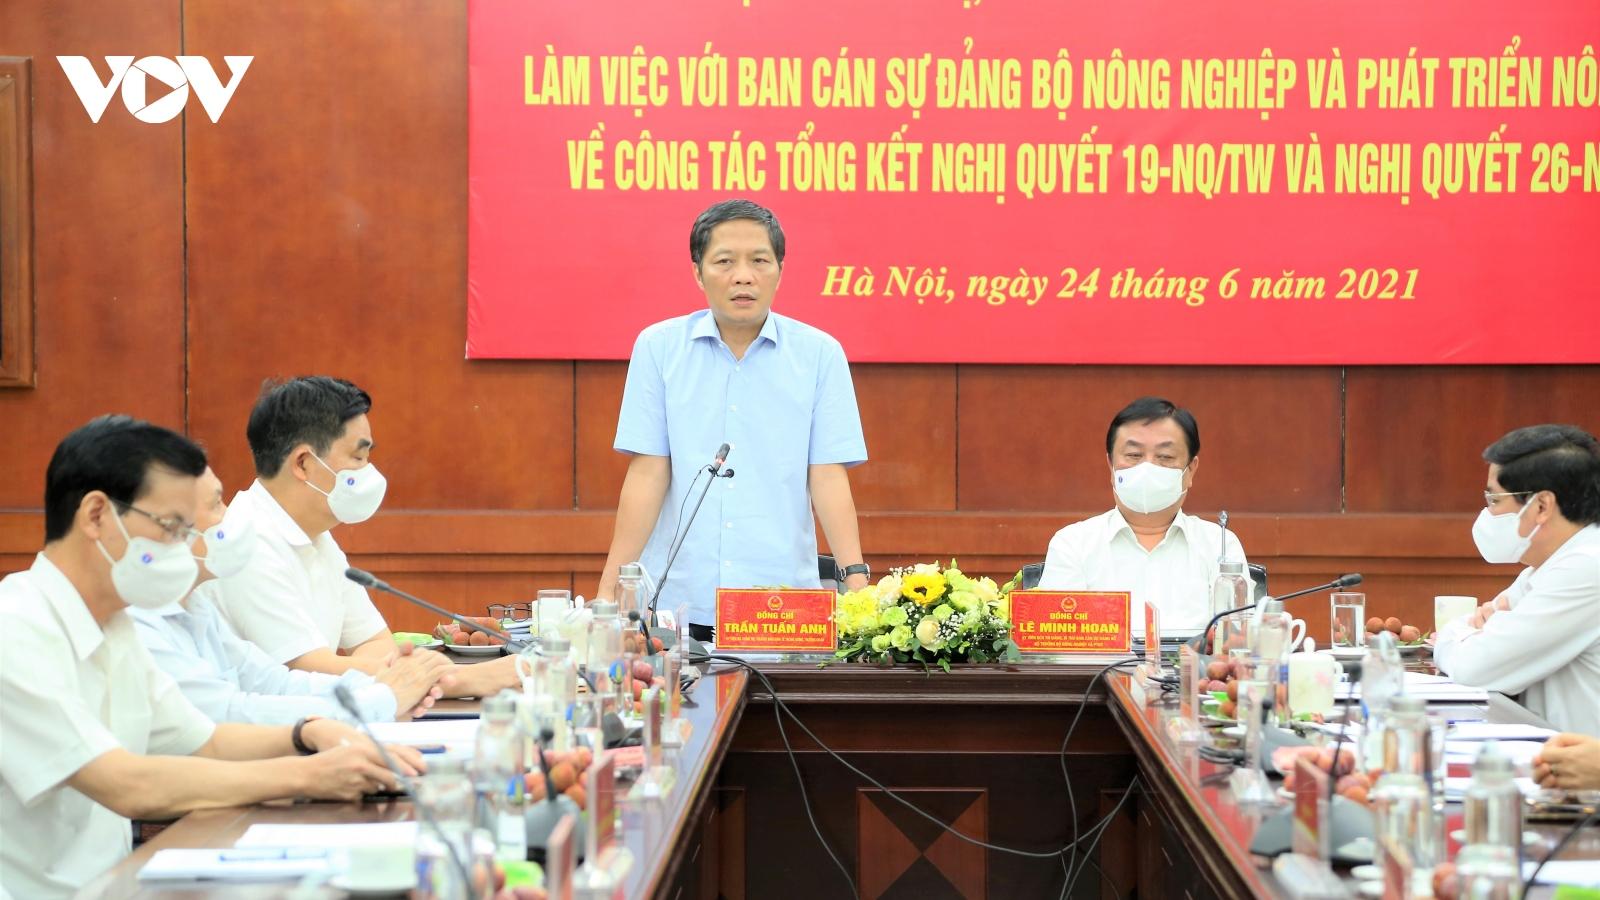 Ủy viên Bộ Chính trị Trần Tuấn Anh làm việc với Bộ Nông nghiệp và Phát triển nông thôn